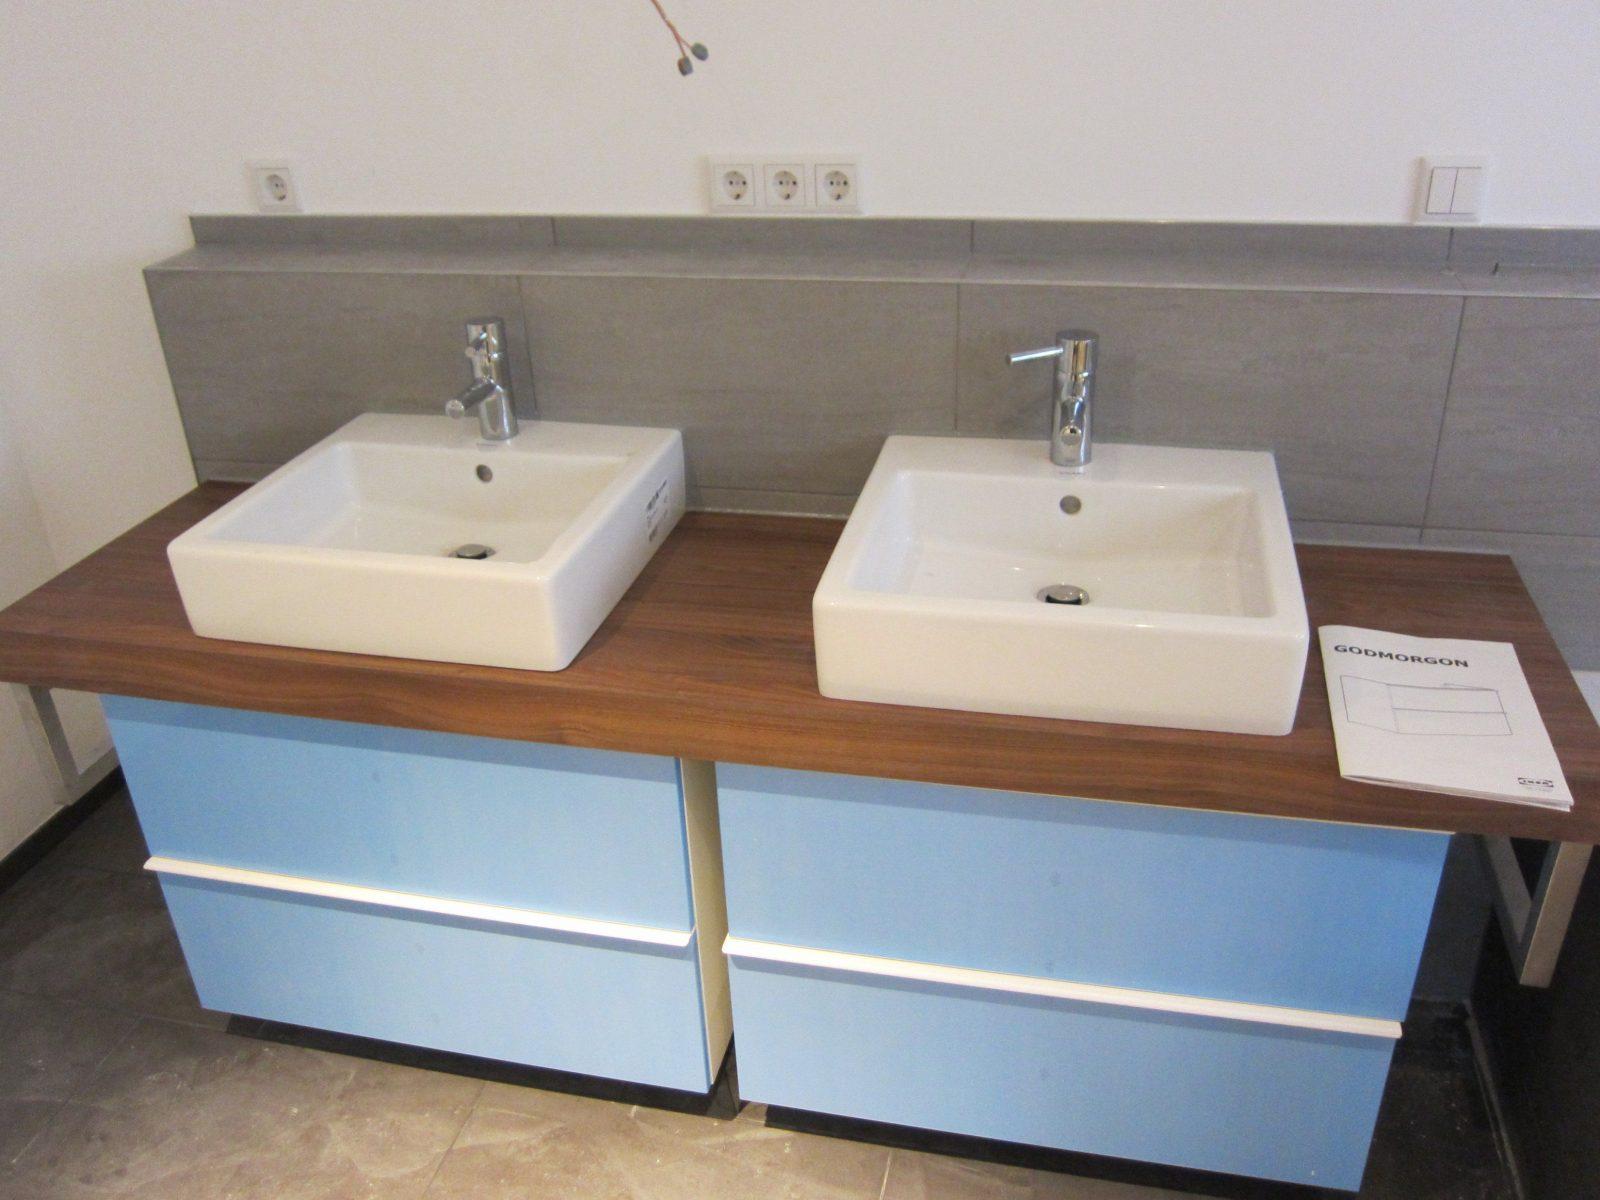 Waschbecken Mit Unterschrank Ikea Von Prächtig Zuhause Kunst von Waschbecken Mit Unterschrank Ikea Photo